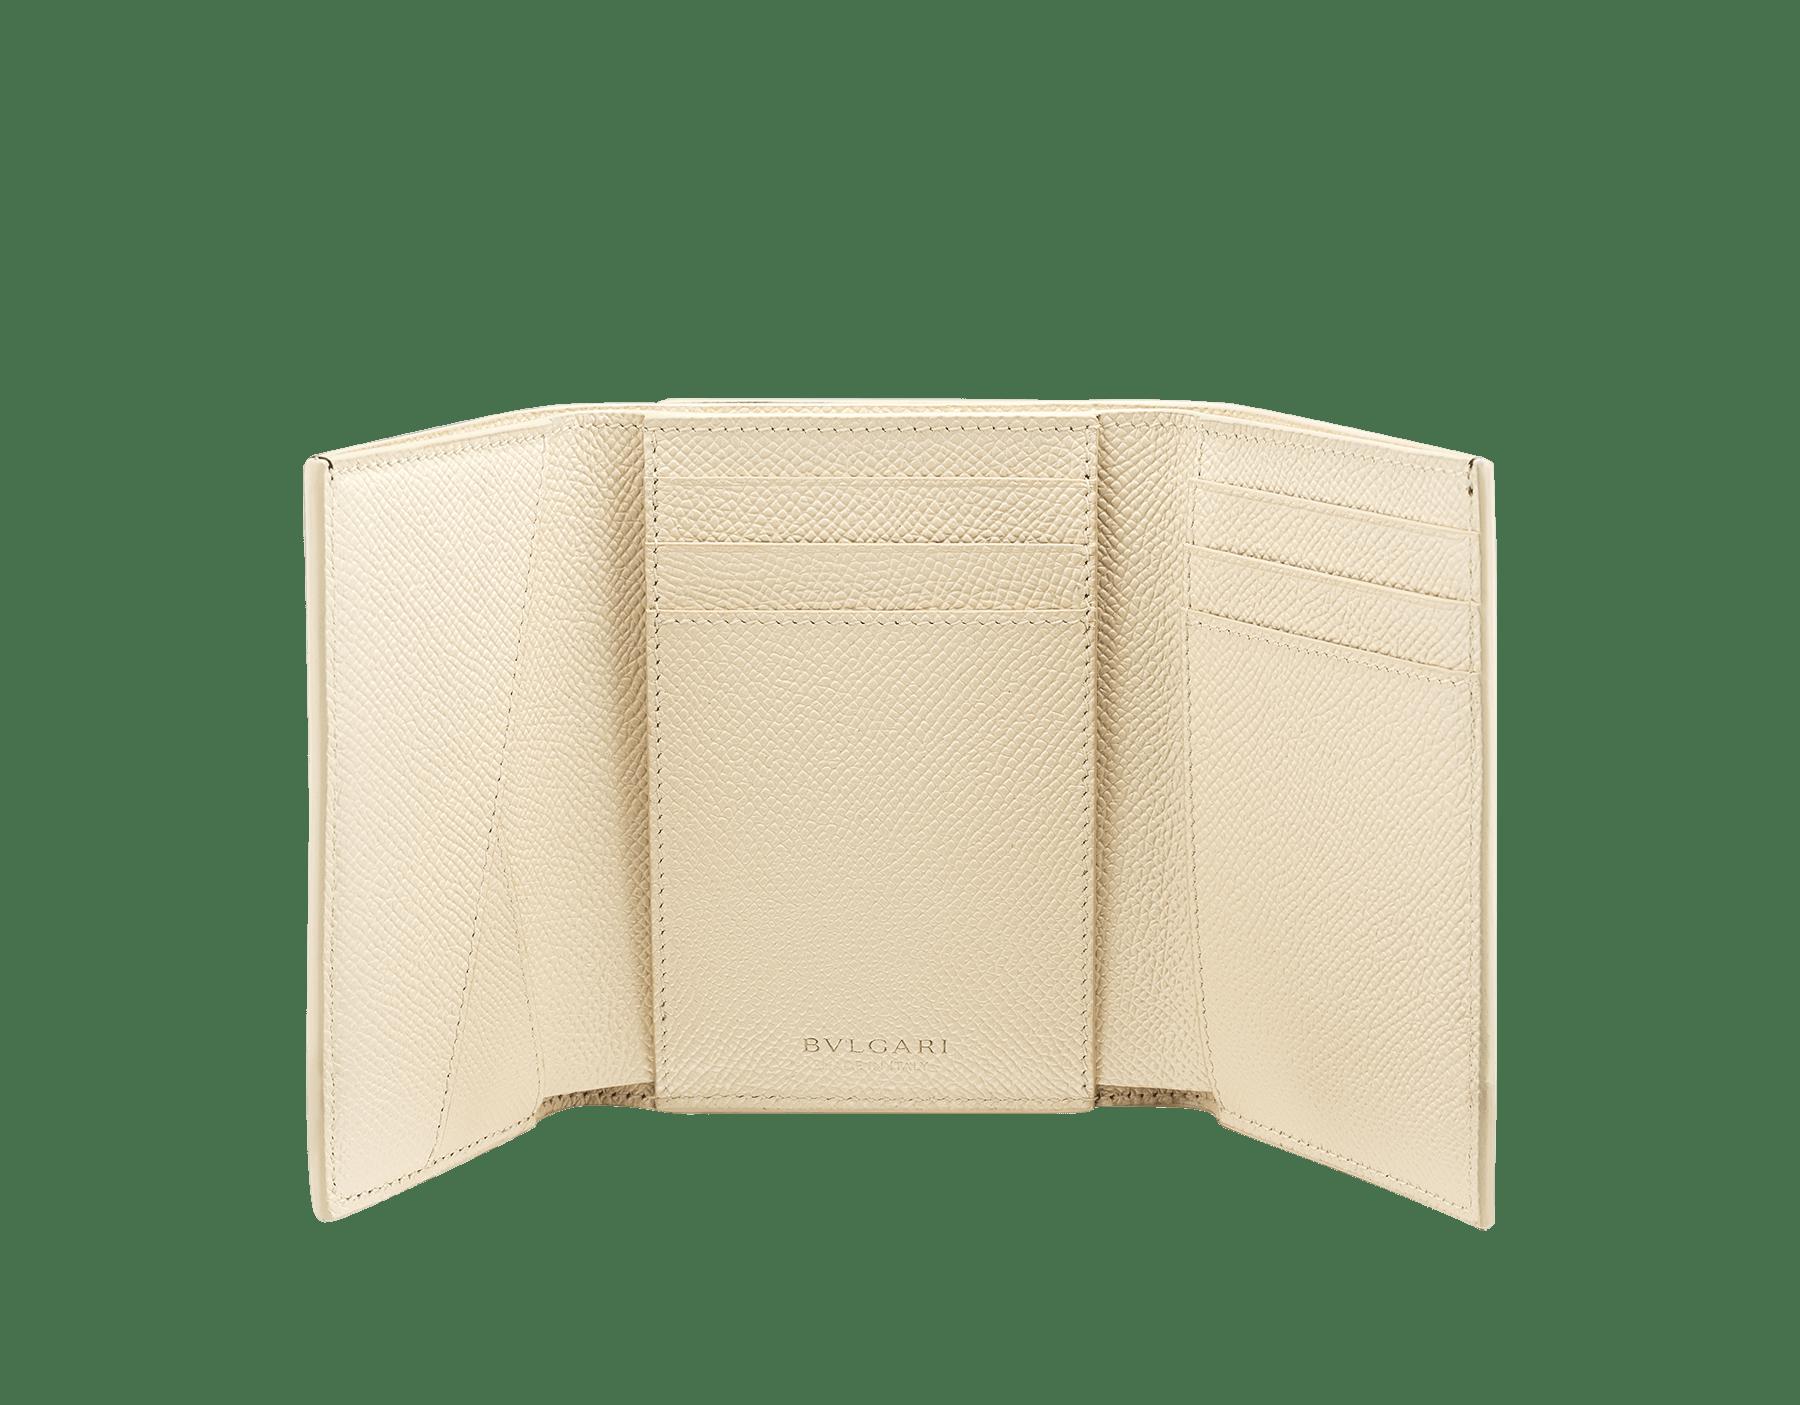 Portefeuille compact «Bvlgari Clip» en cuir de veau grainé couleur blanc Agate et couleur bleu Denim Sapphire. Fermoir emblématique orné du logo Bvlgari en laiton. BCM-YENCOMPACTZPb image 2